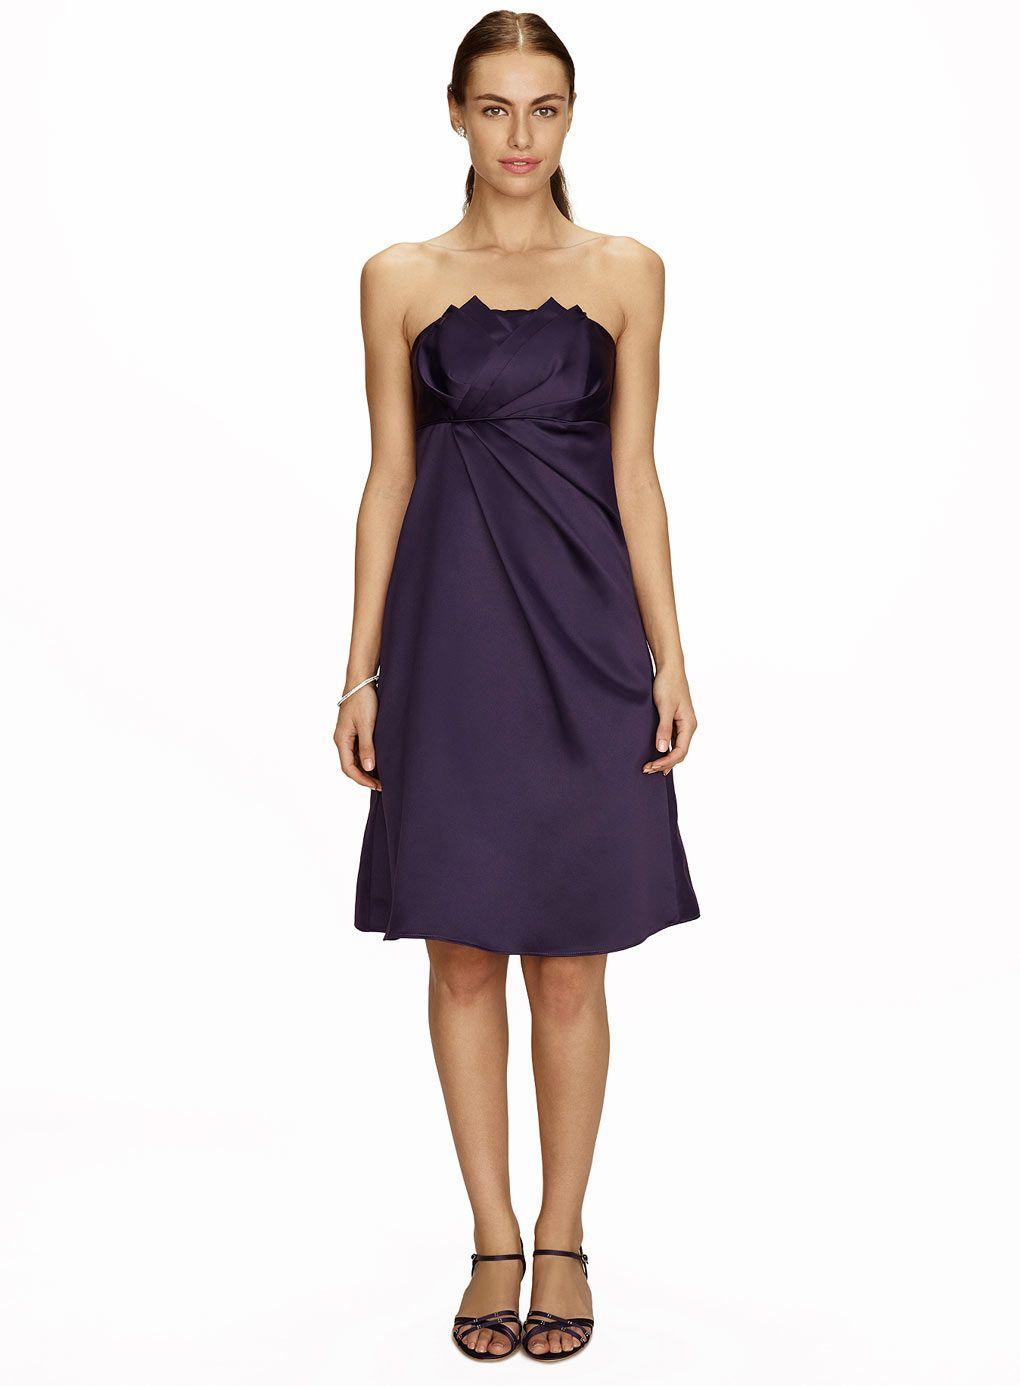 Iris grape short dress dingheartbhsadult